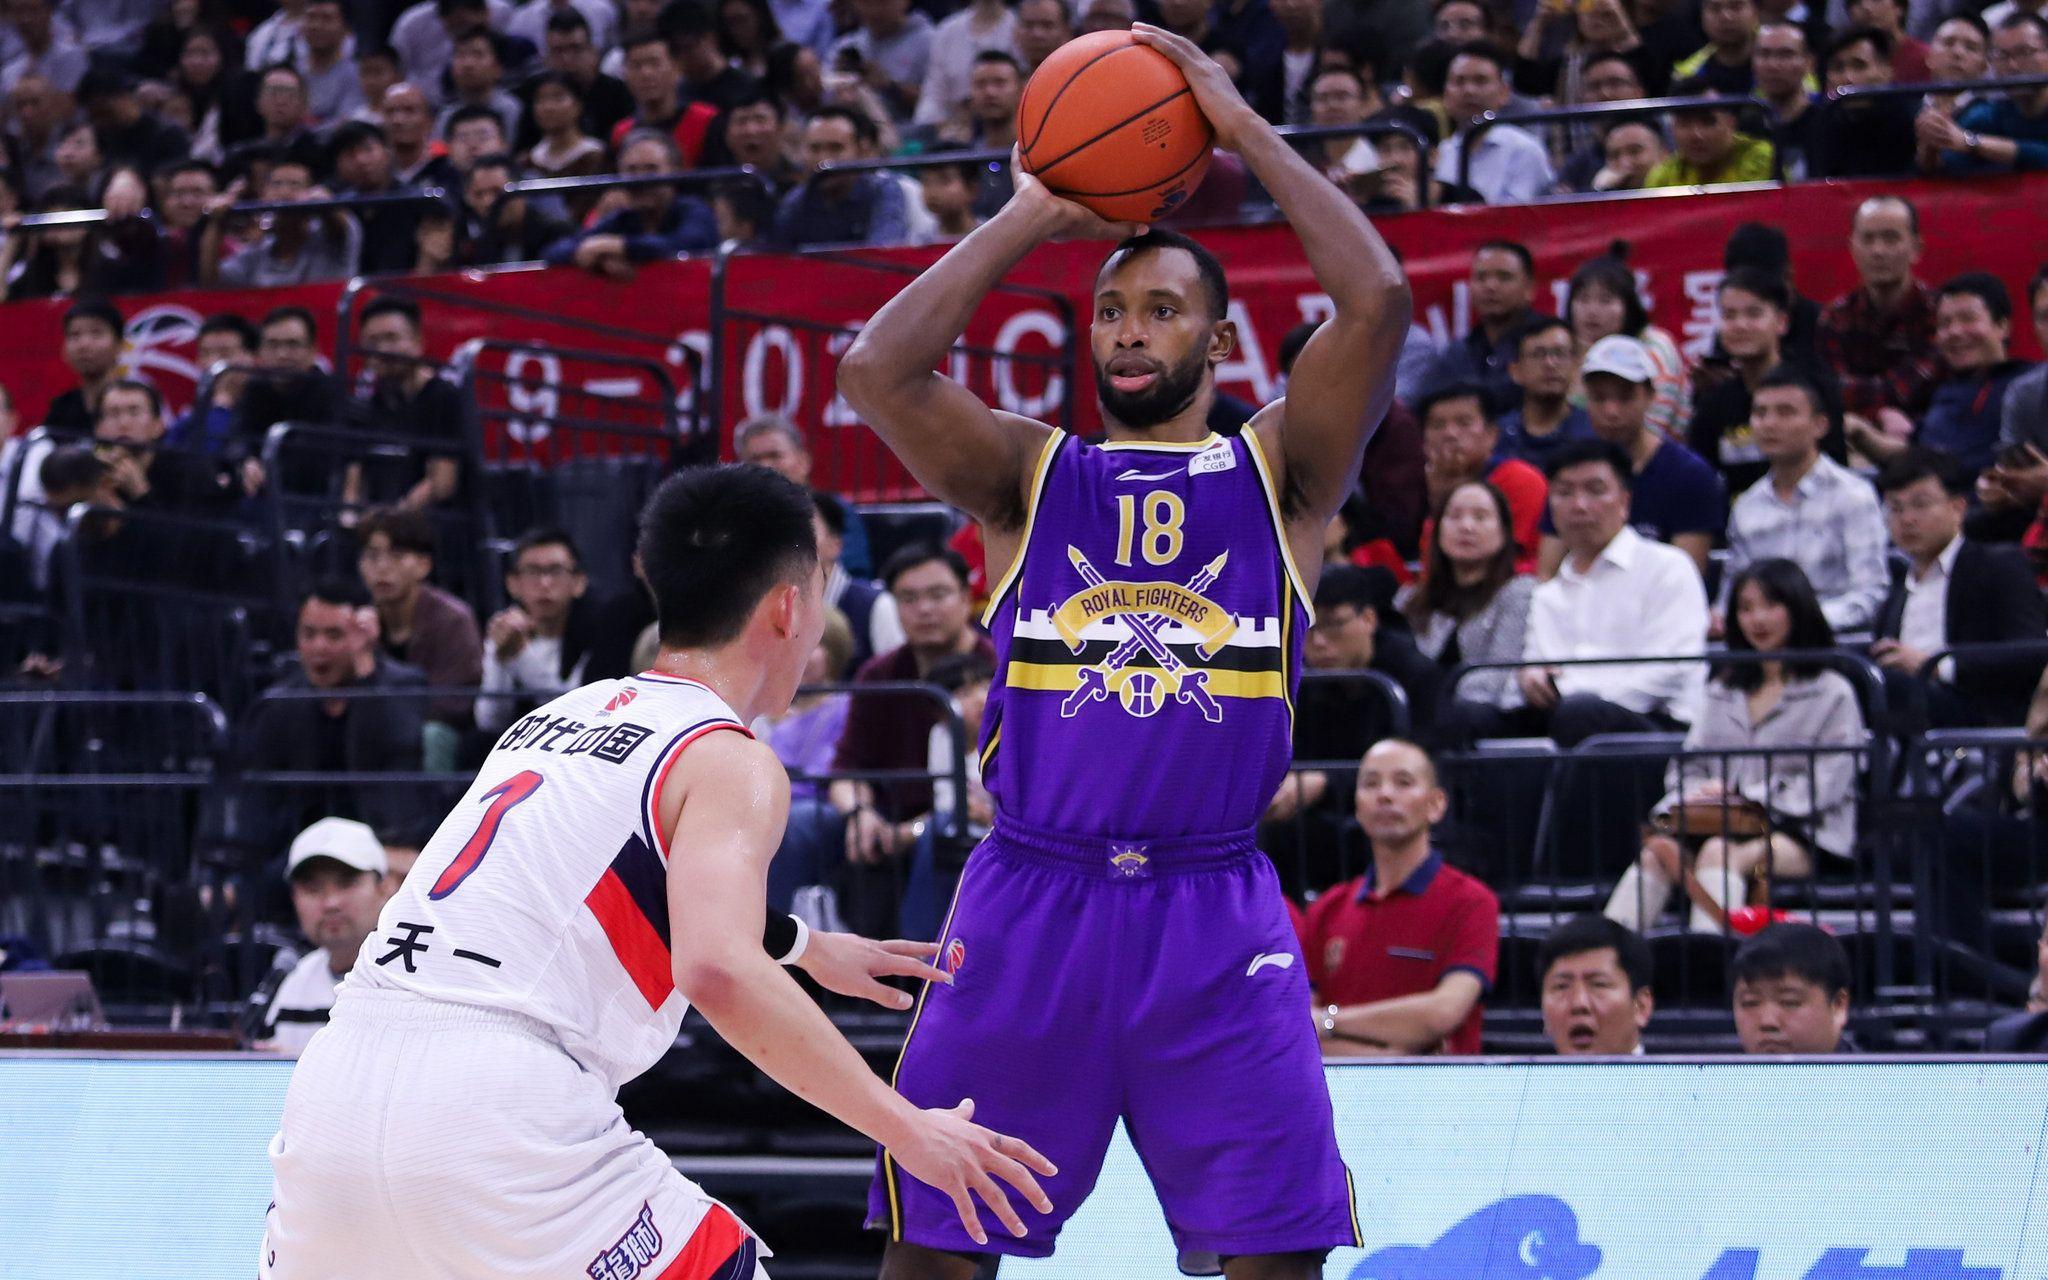 北控男篮本赛季三杀广州队,送给对手14连败图片